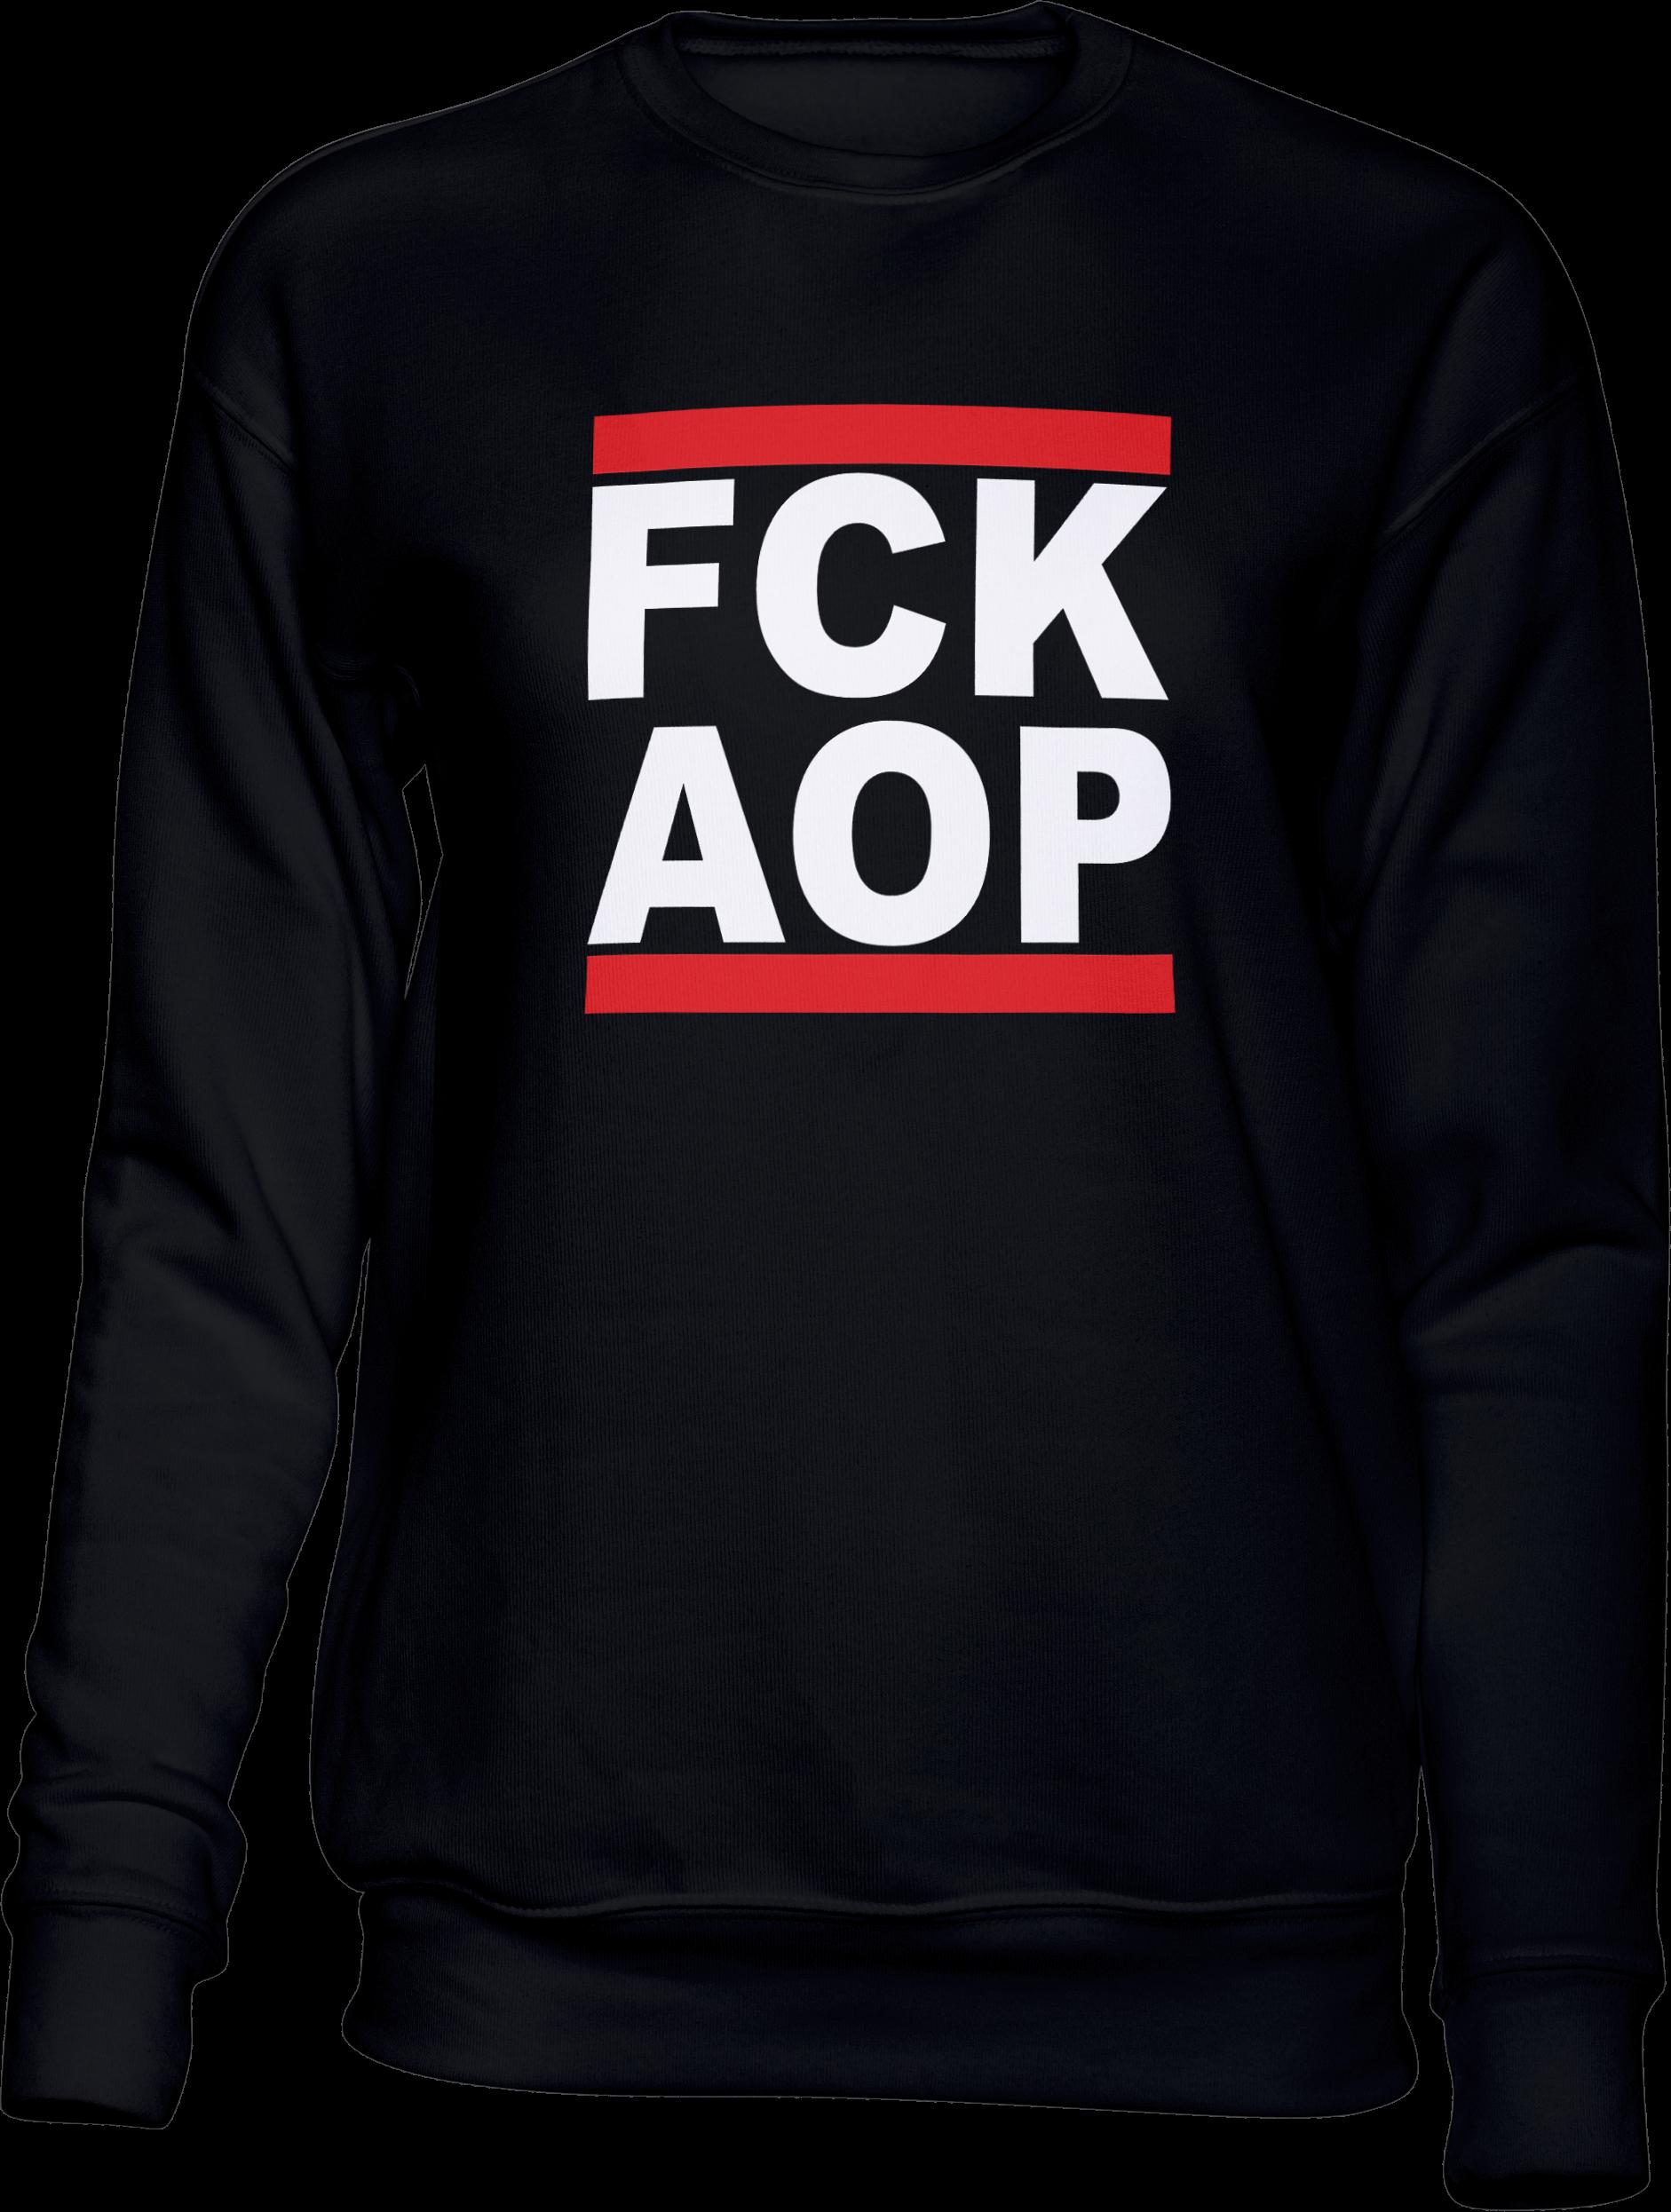 AOP – FCK AOP – Sweatshirt (schwarz)